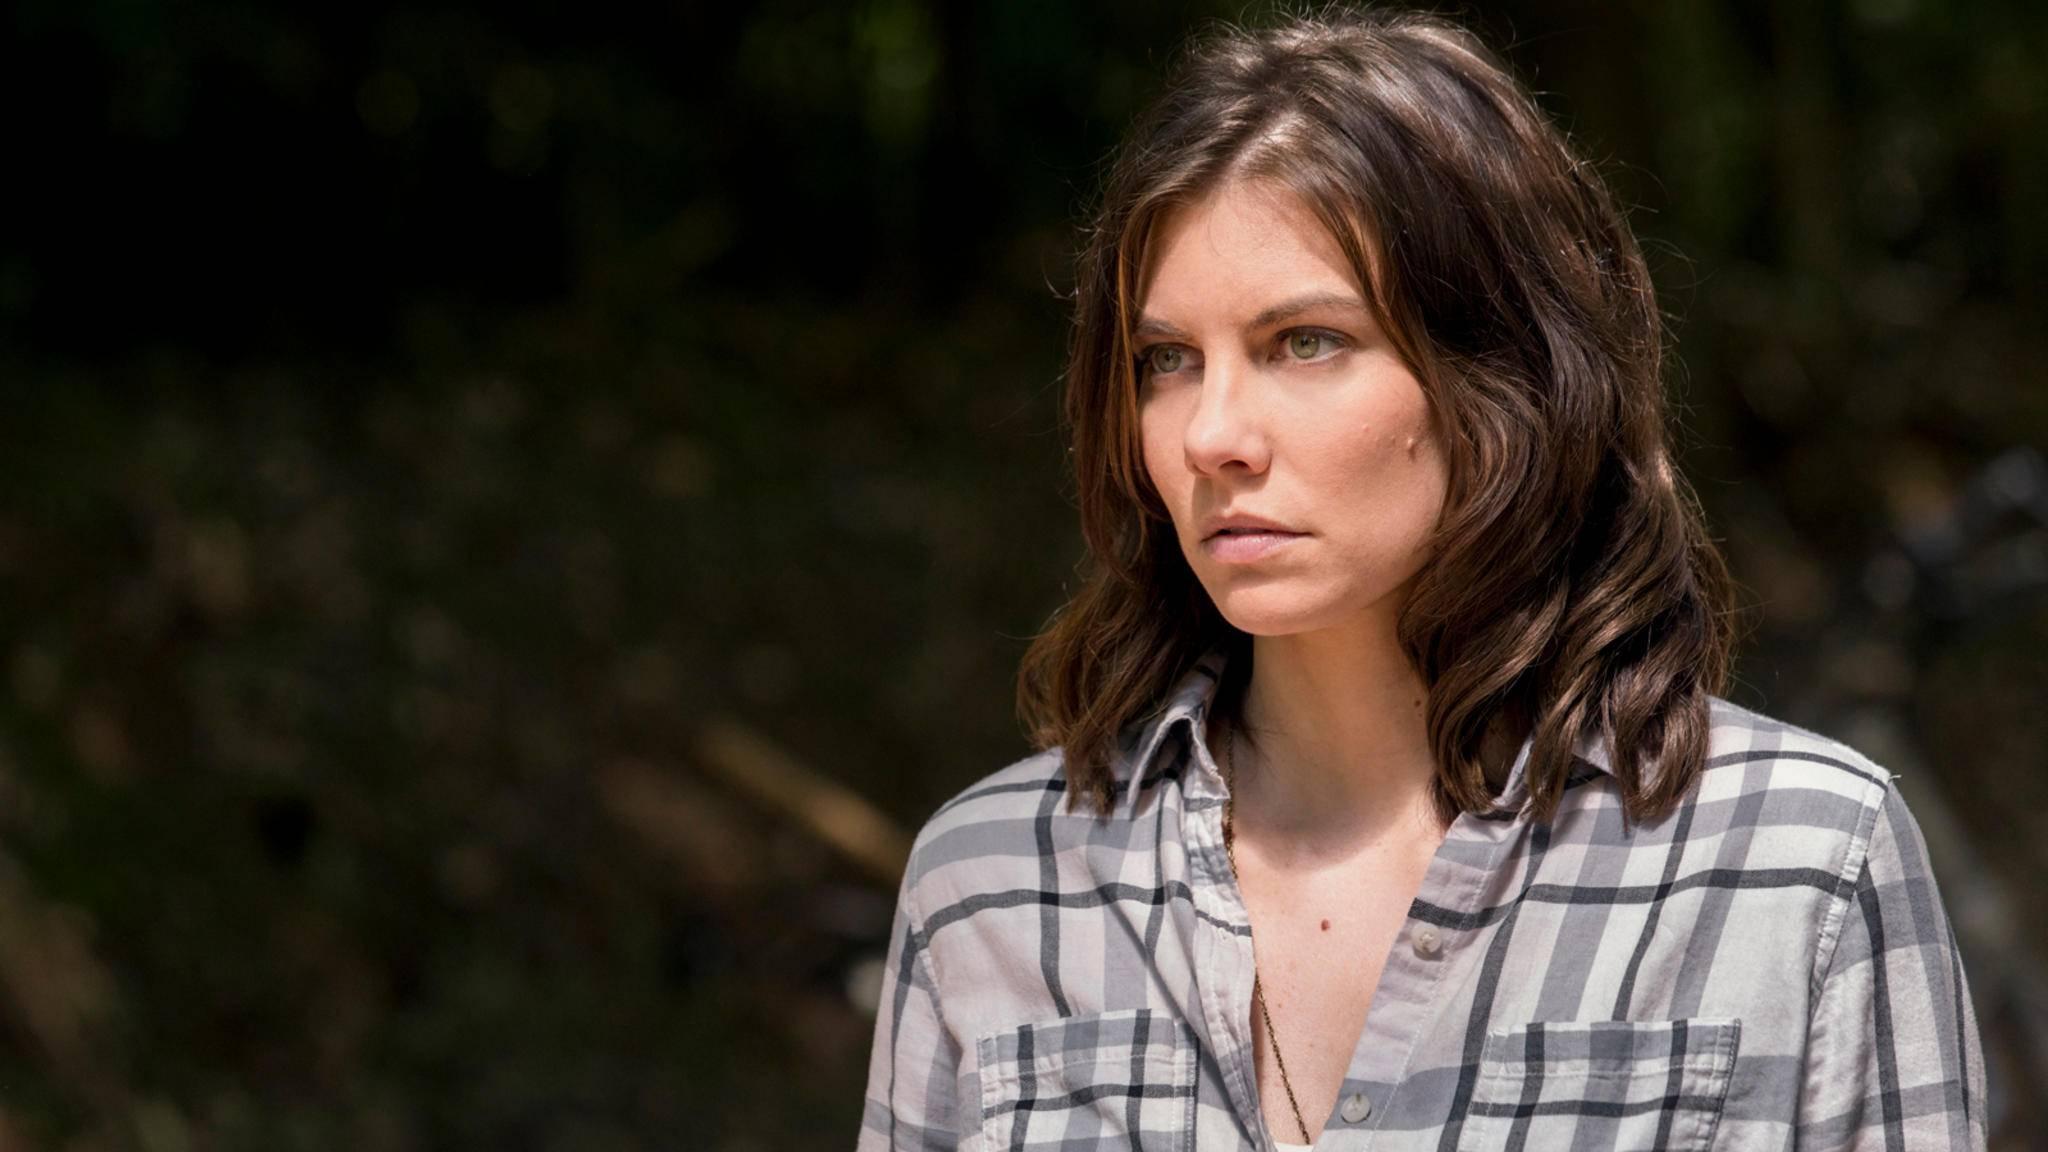 Willkommen zurück, Maggie!